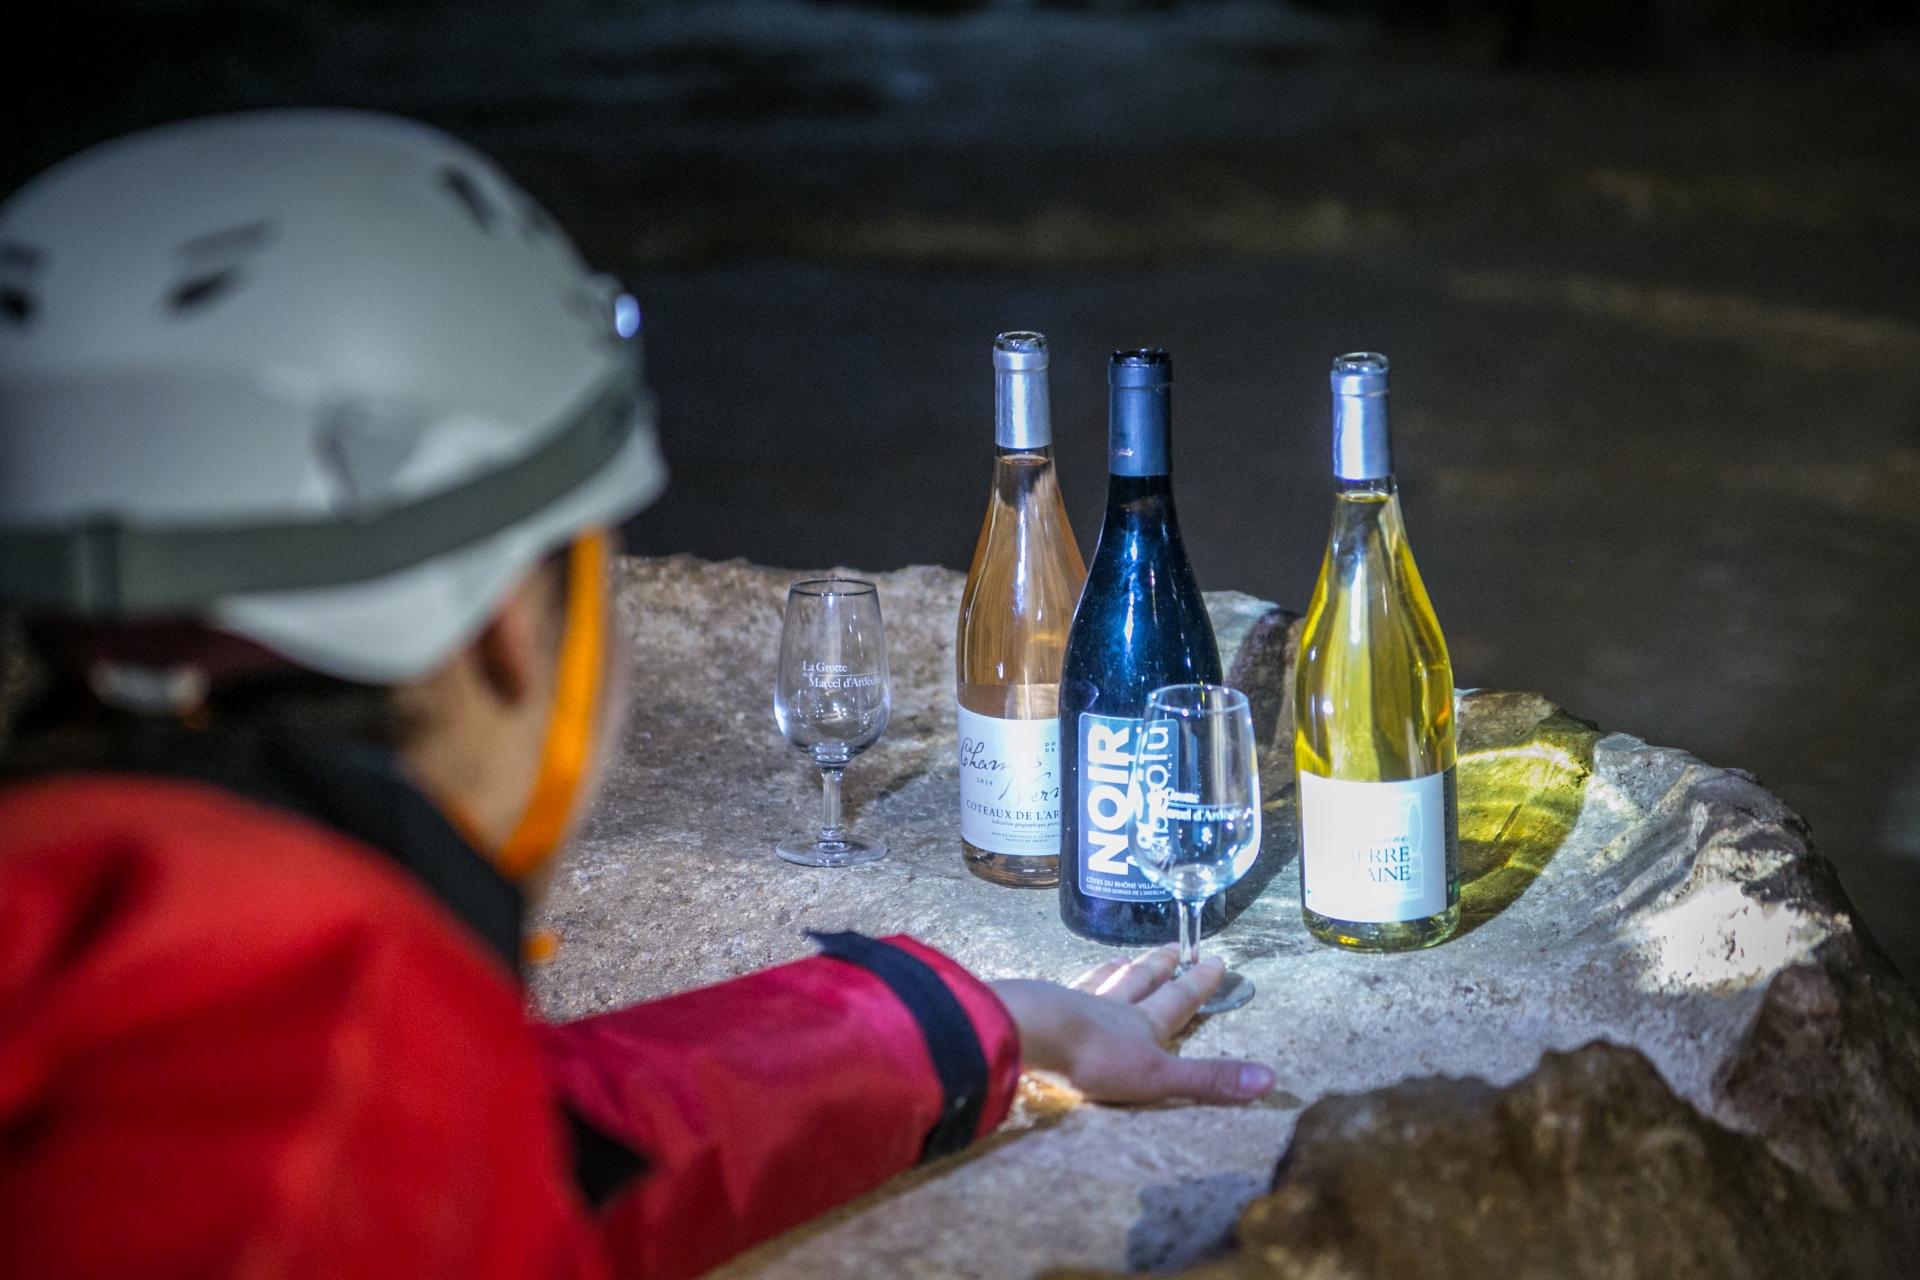 önolgie saint marcel Höhle Reifung Wein Probe cotes du rhone - © Diana Siemiradzka